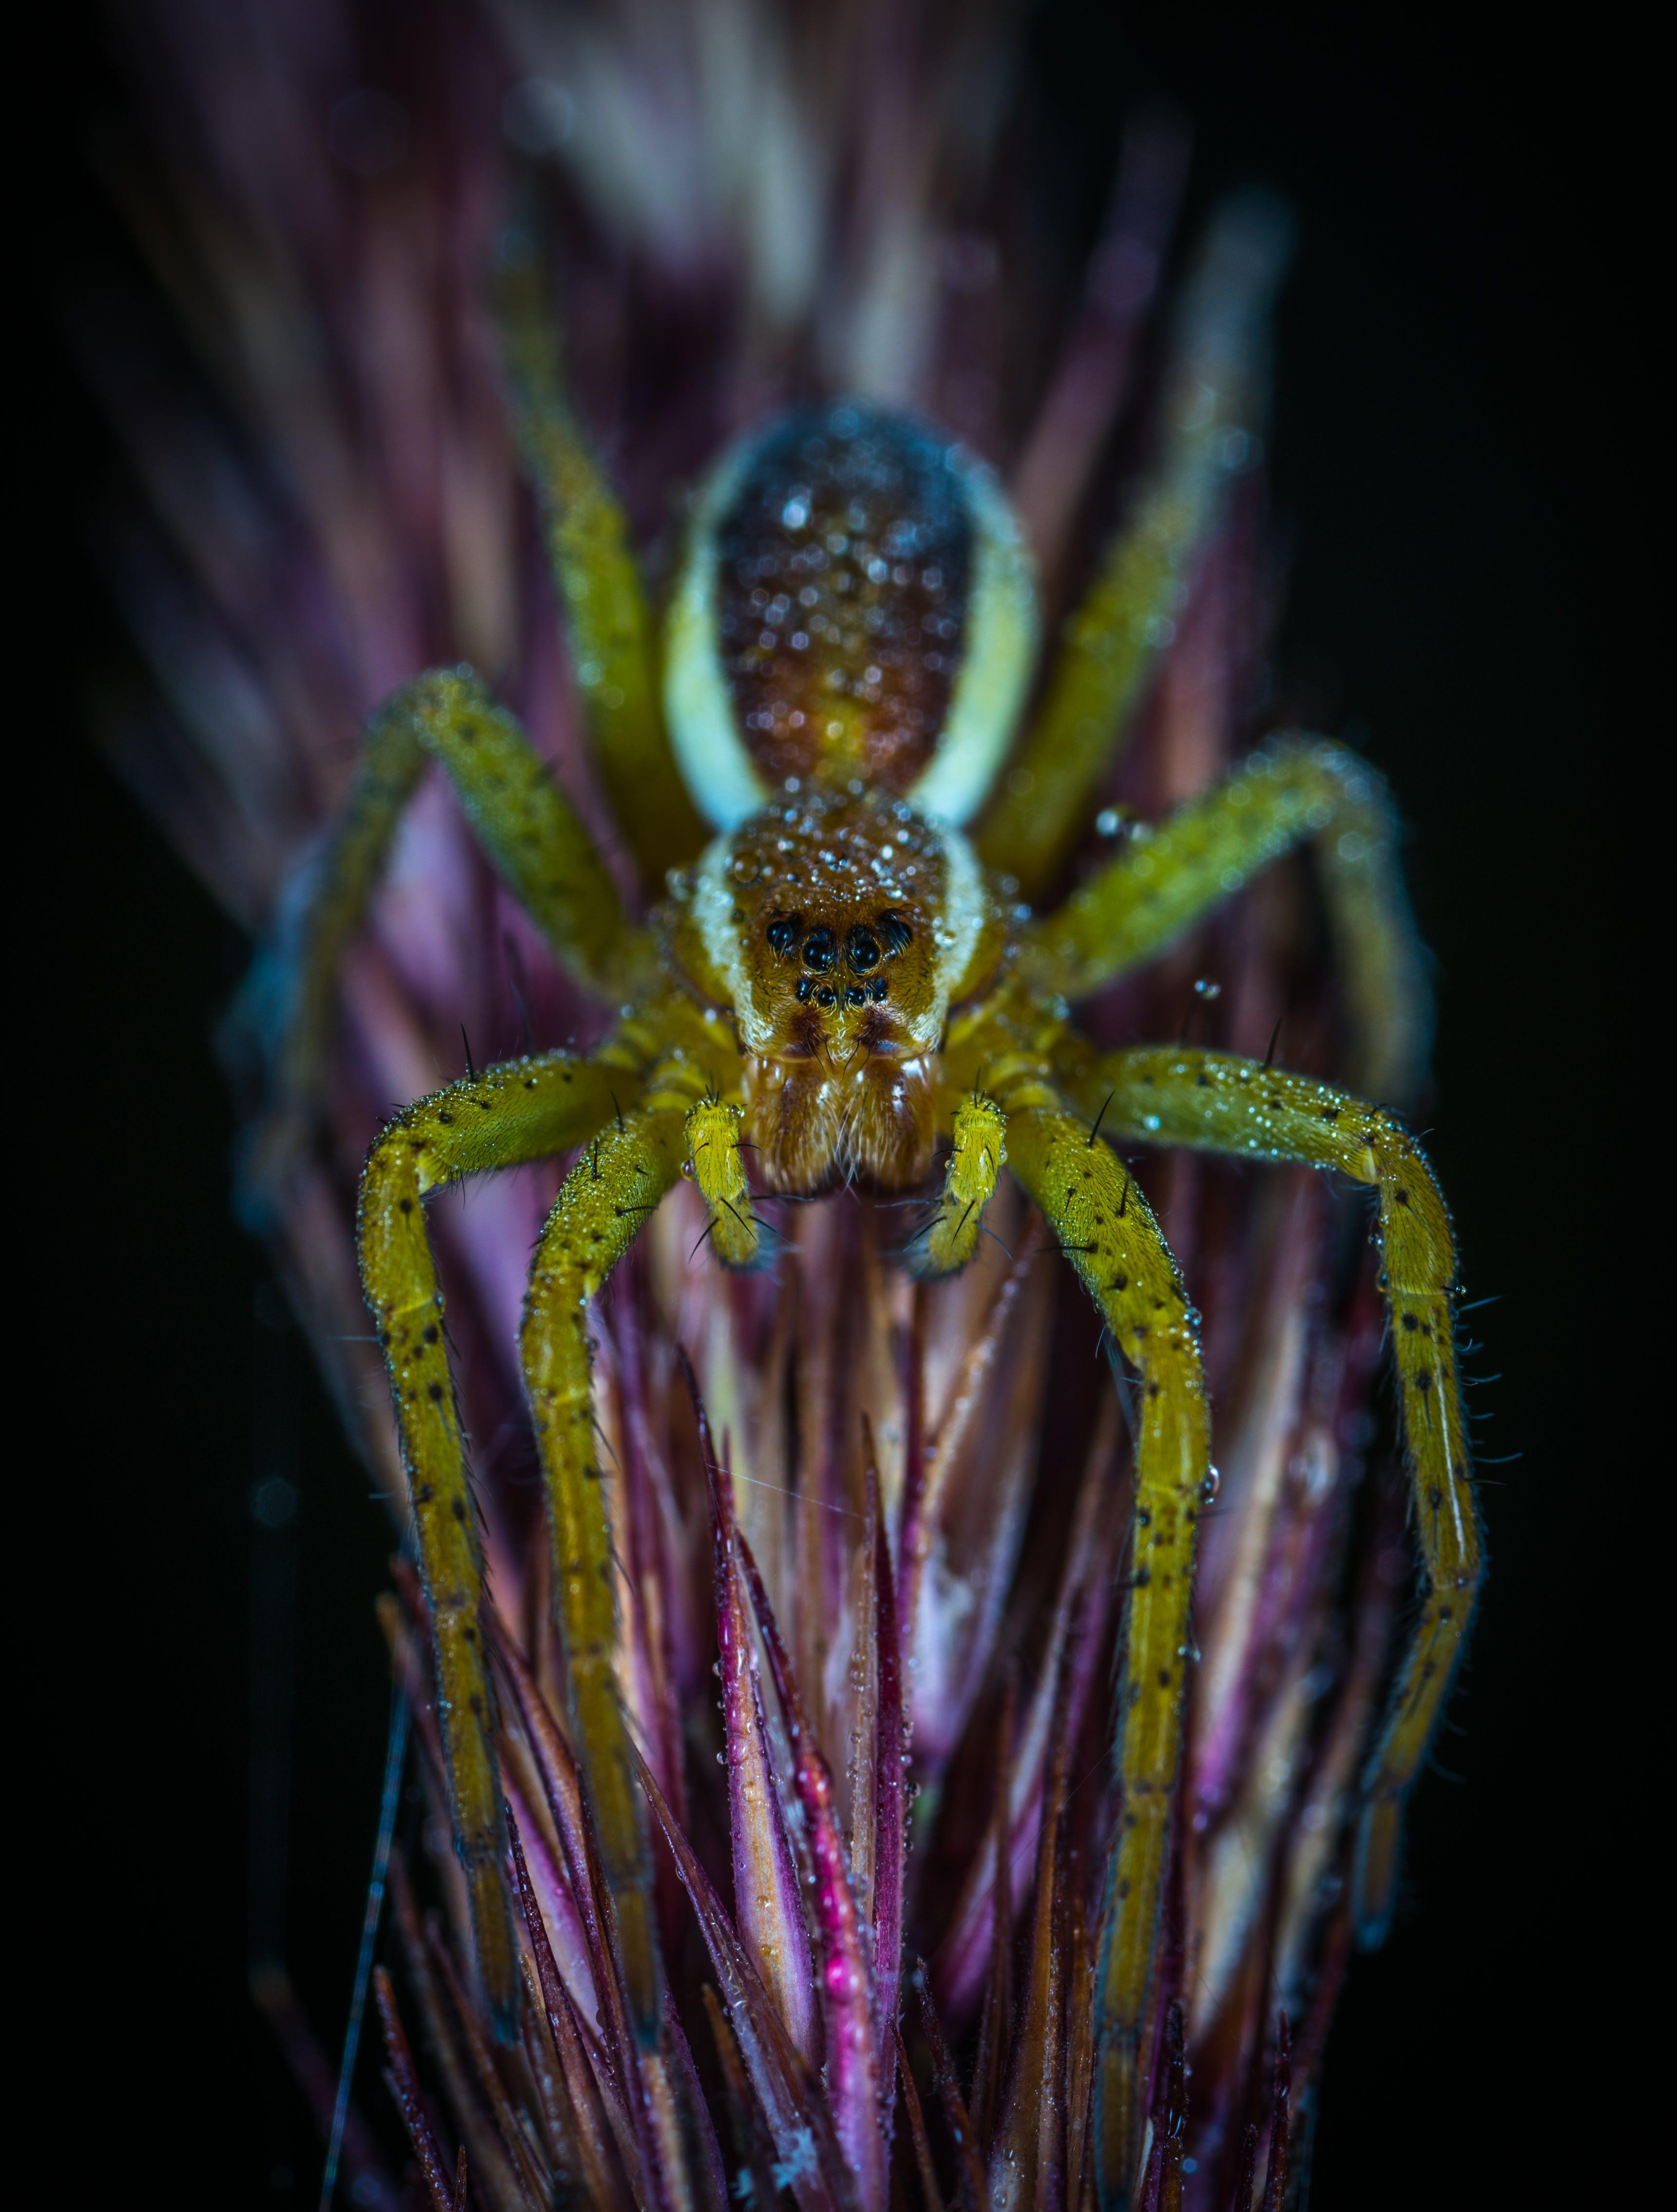 Kostenloses Stock Foto zu biologie, blume, hell, insekt